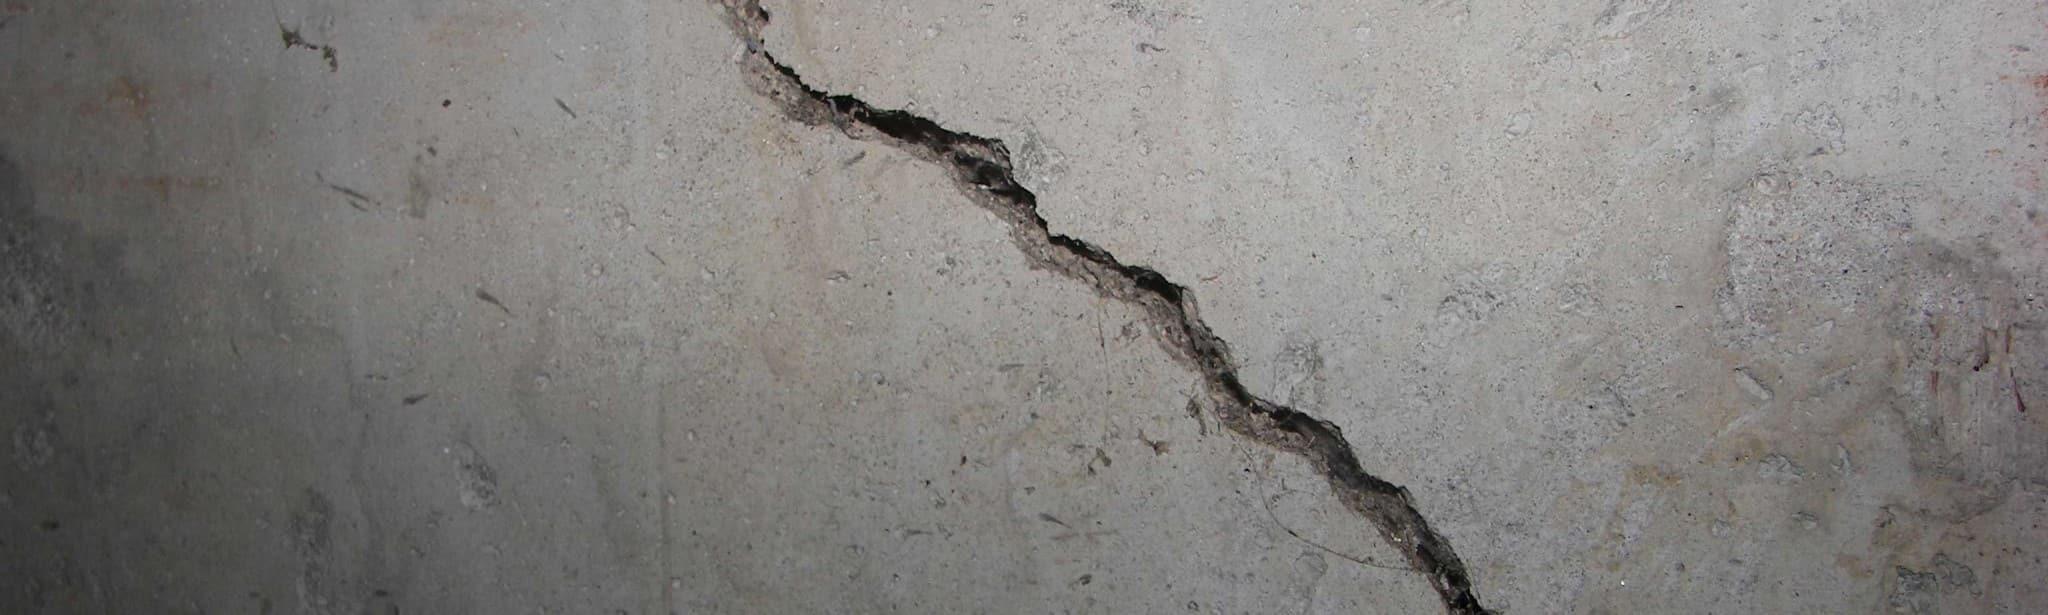 Foundation Crack Repair Chicago